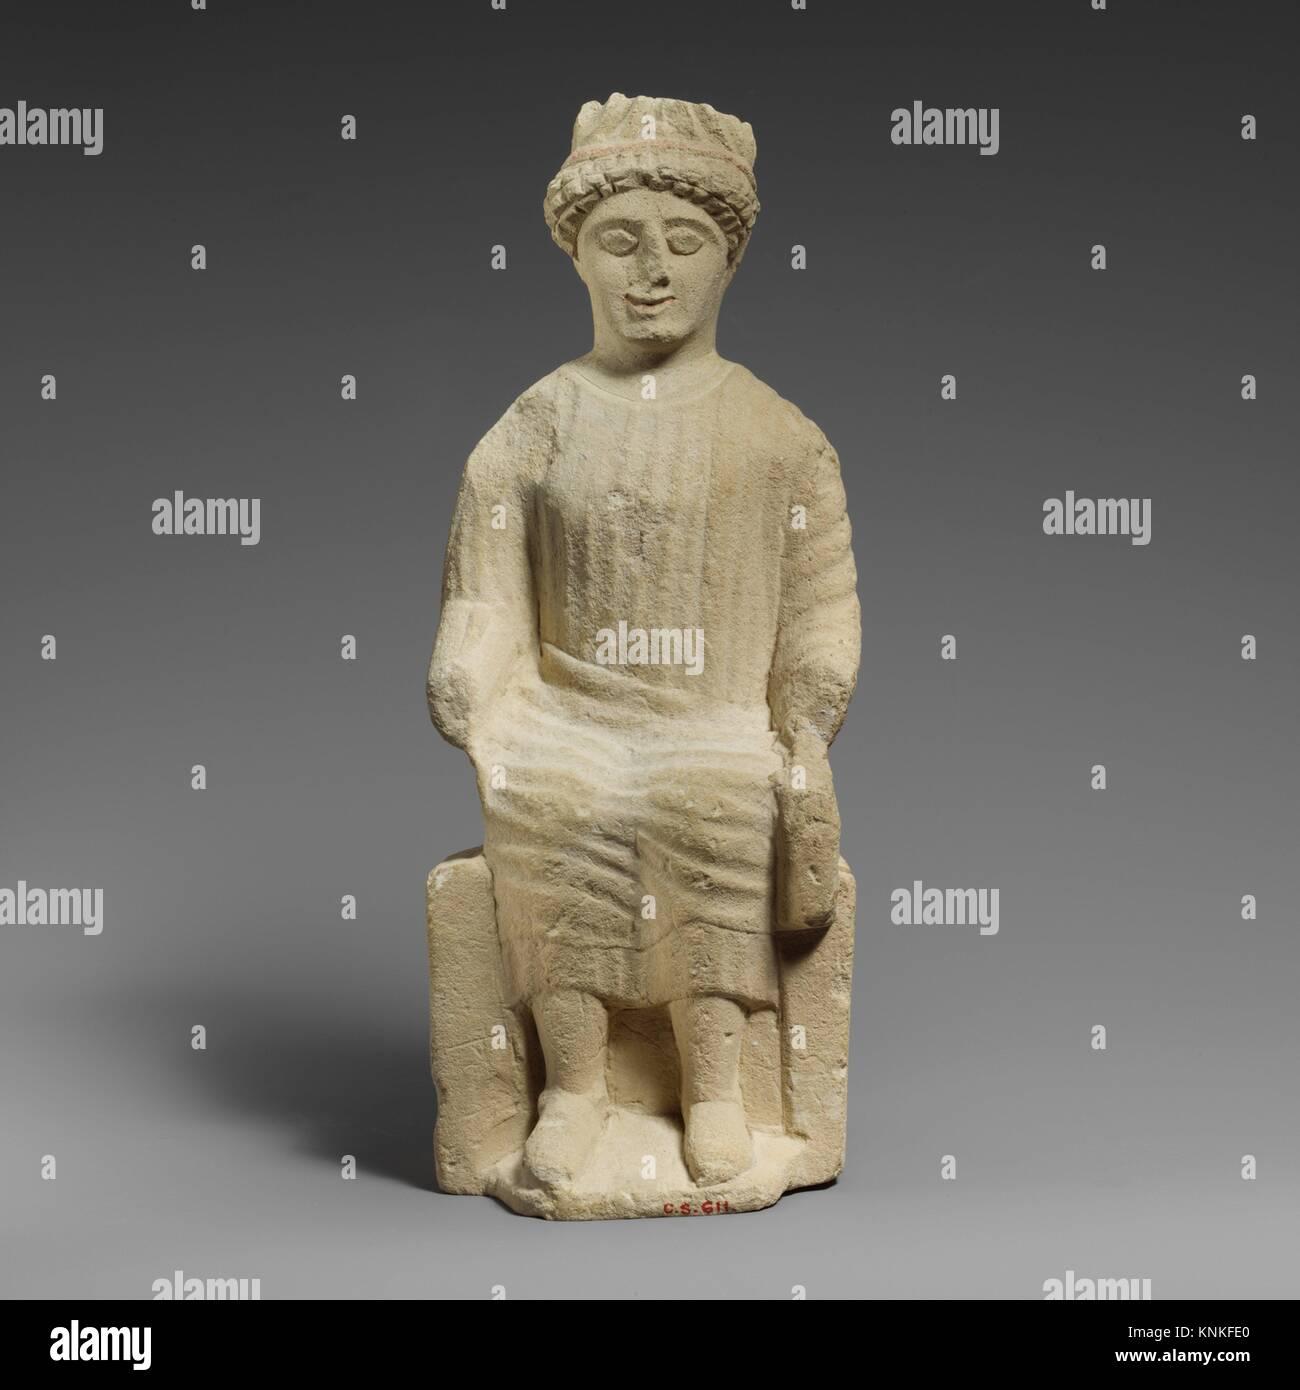 Una estatuilla de piedra caliza asentado lampiño votary masculinos. Período: clásica; Fecha: segunda mitad del siglo V, B.C; Cultura: Chipriota; Caliza; media: Foto de stock